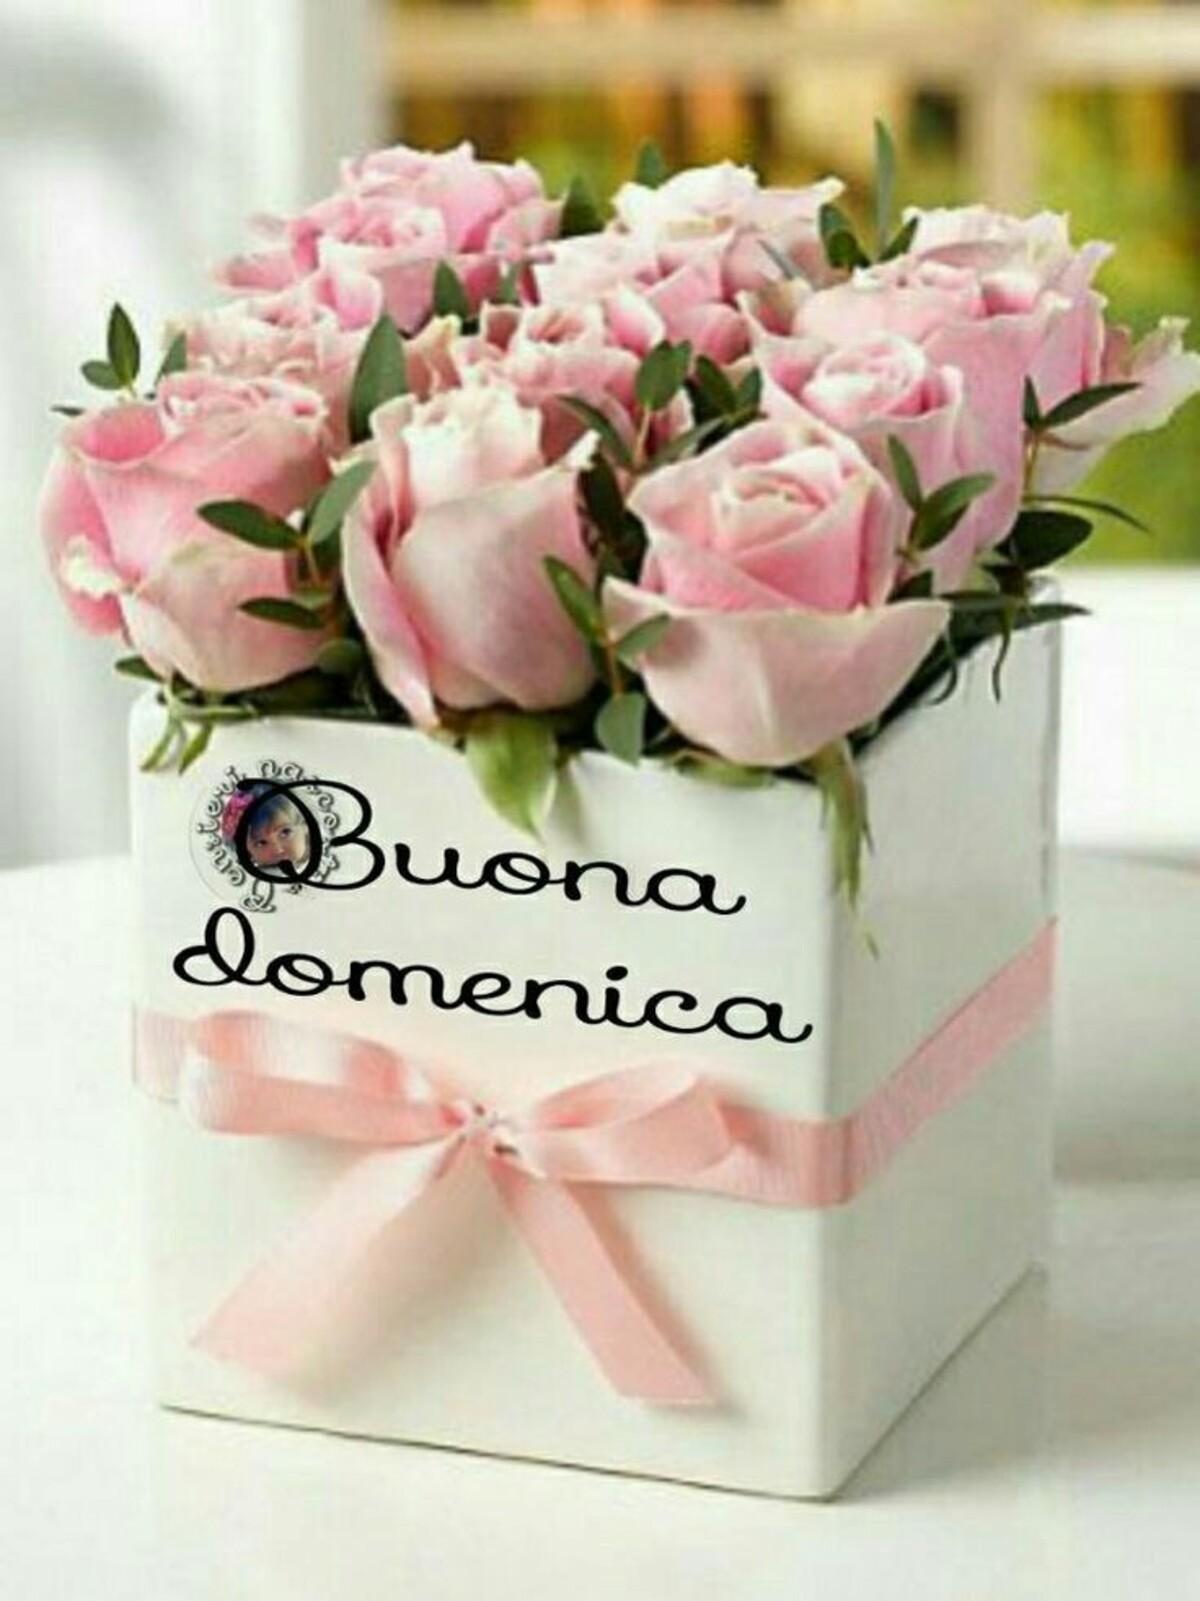 Buona Domenica con le rose